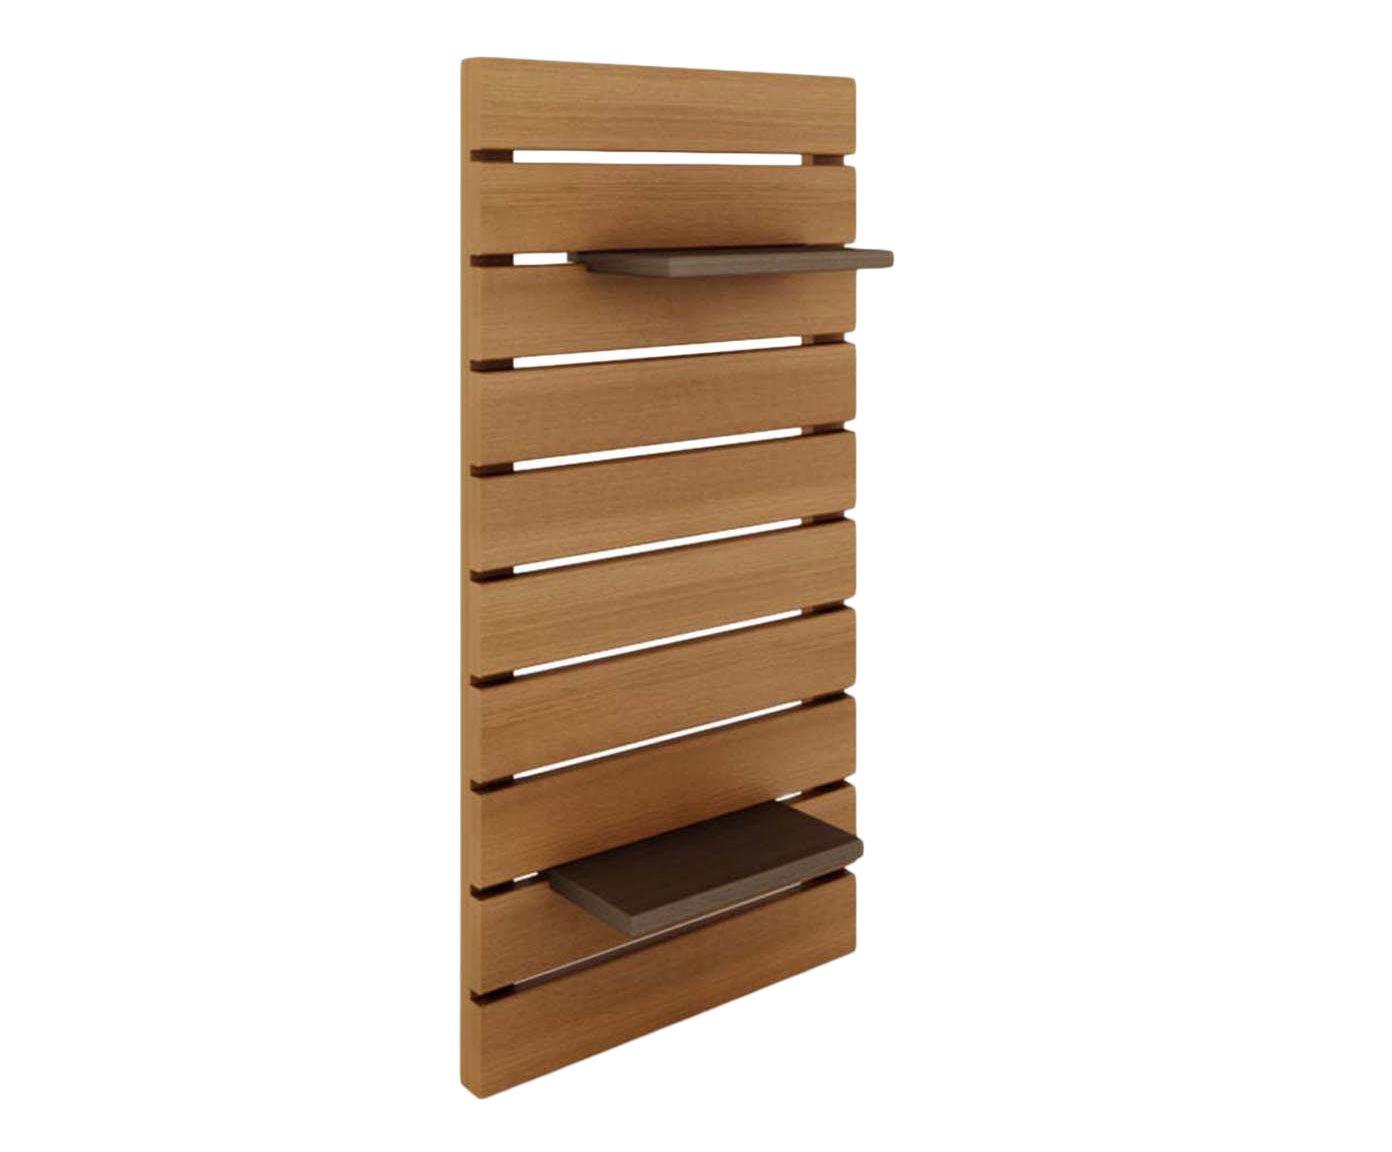 Deck de Parede Stain Natural - 50X100X2cm | Westwing.com.br